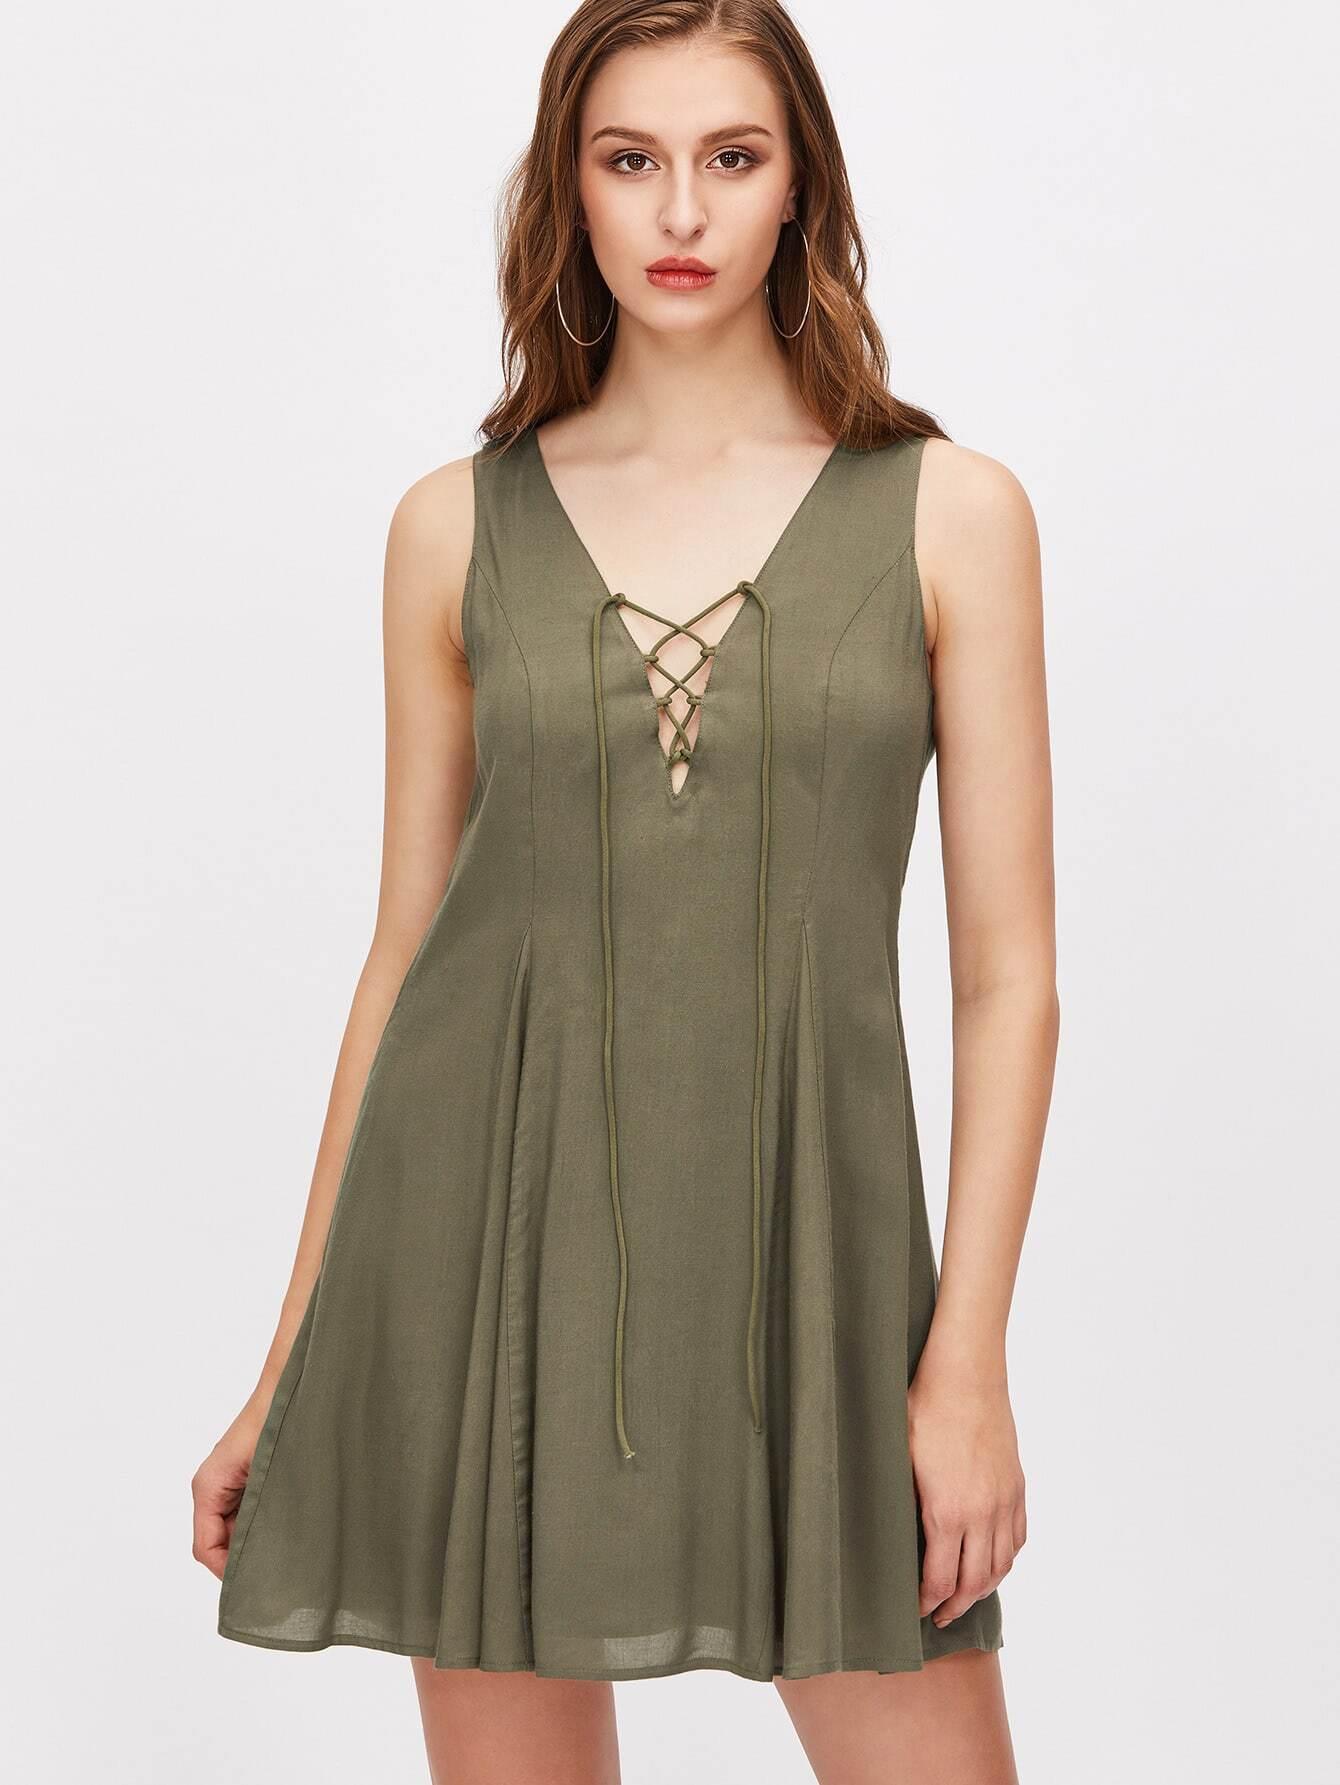 dress170106720_2